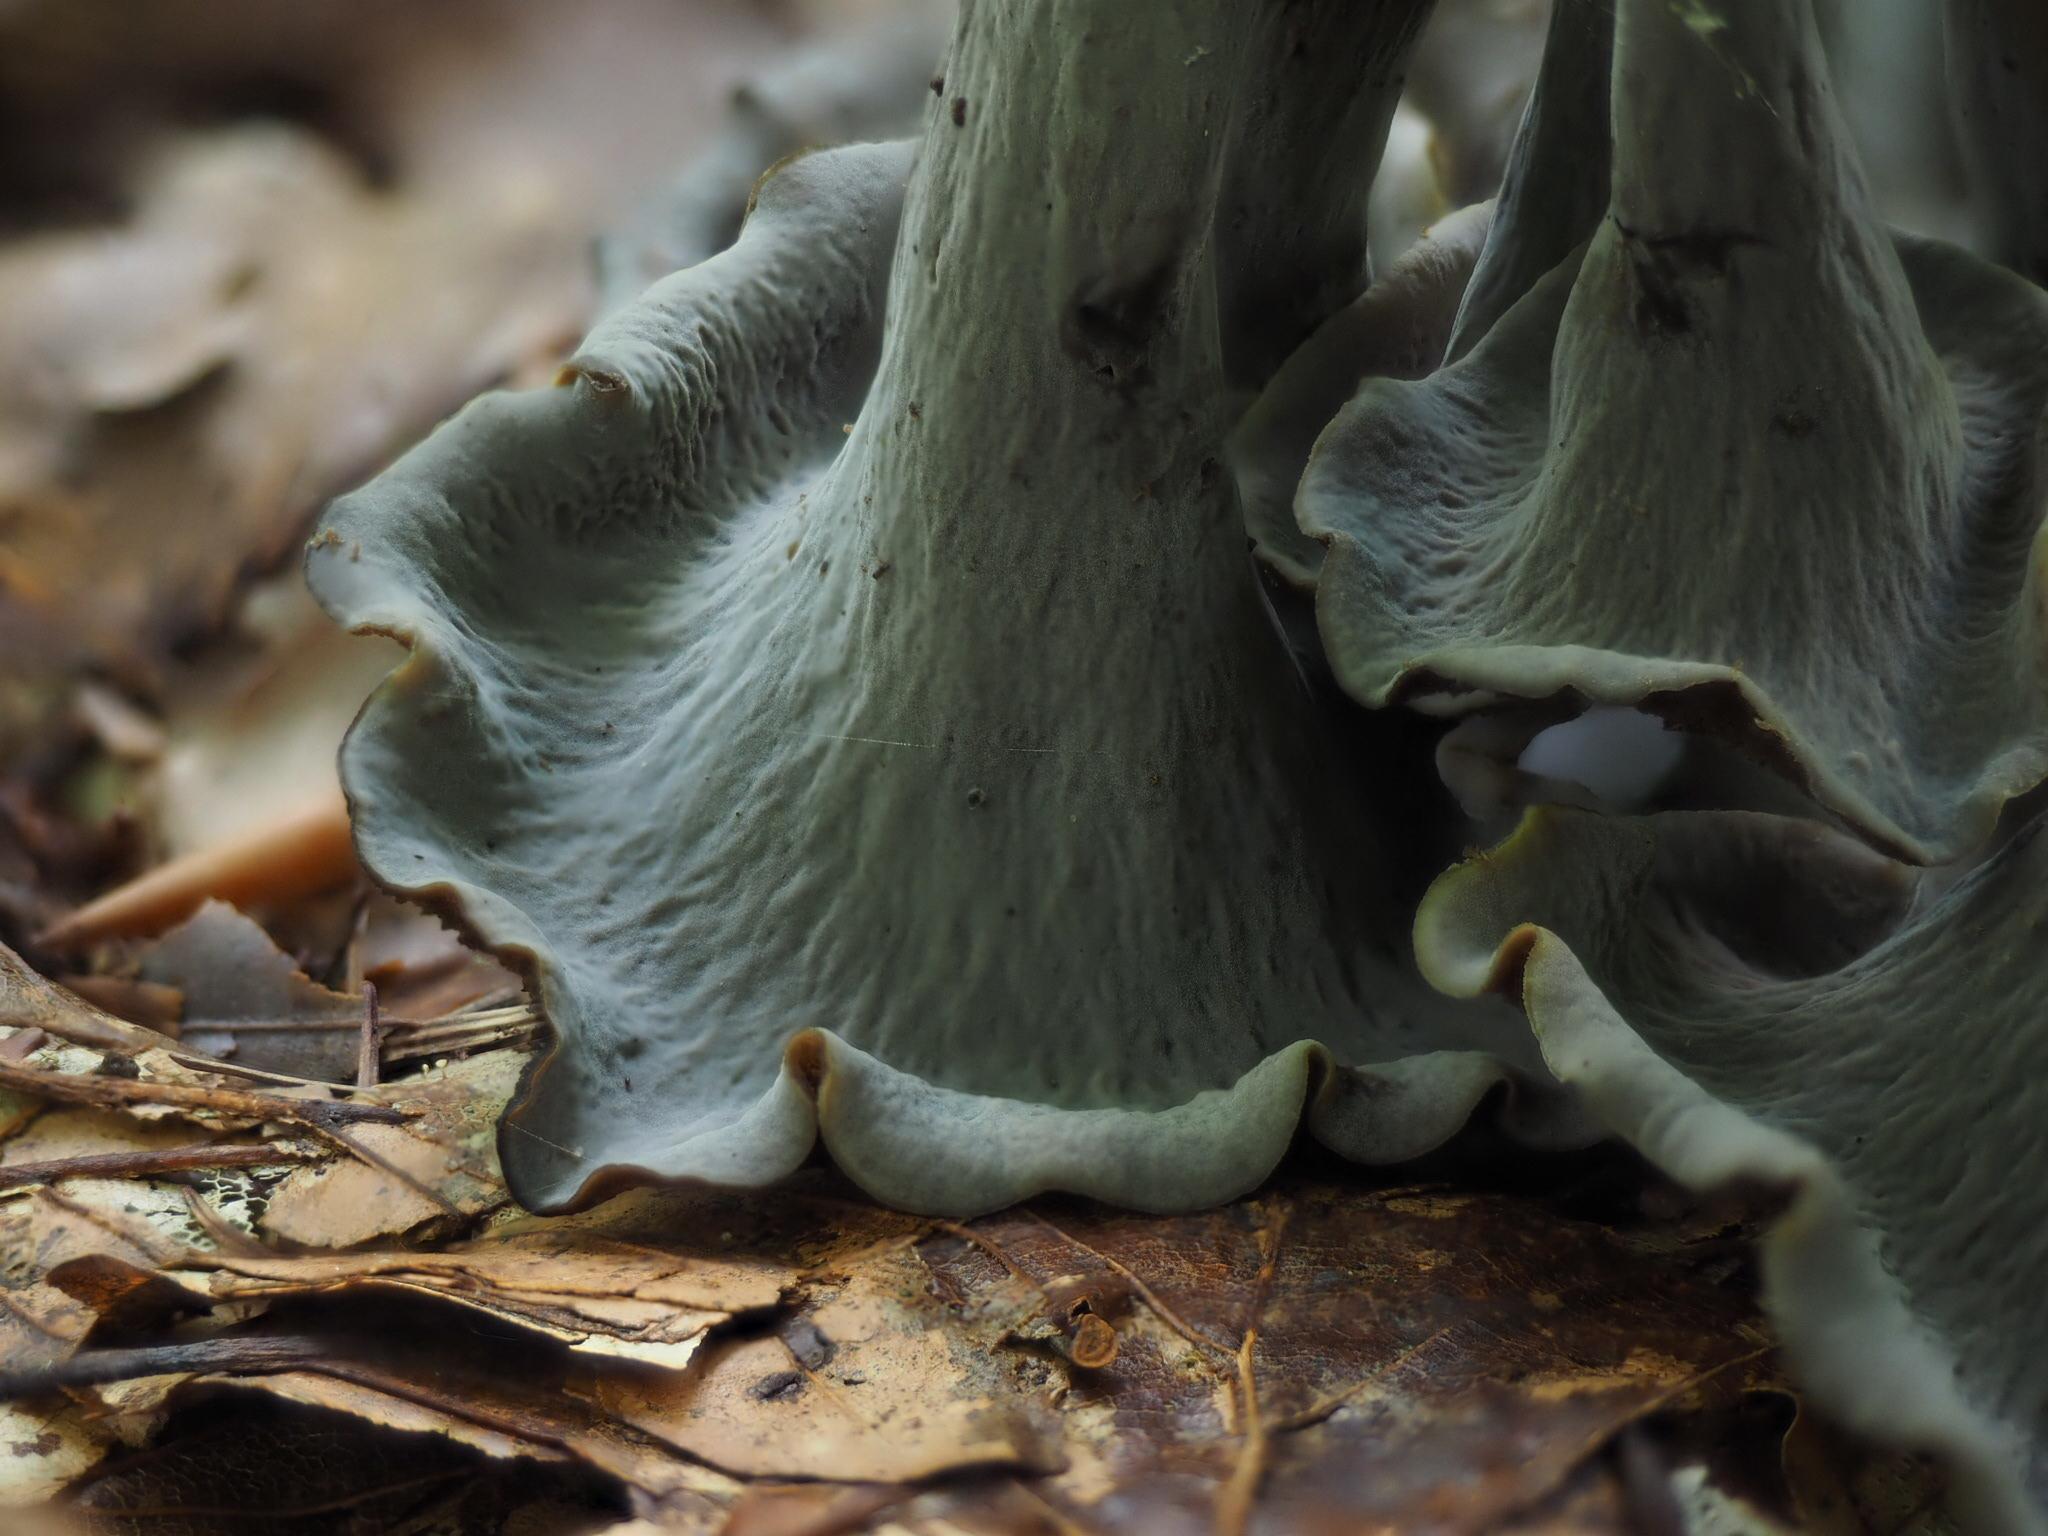 Herbsttrompete (Craterellus cornucopioides) Unterseite